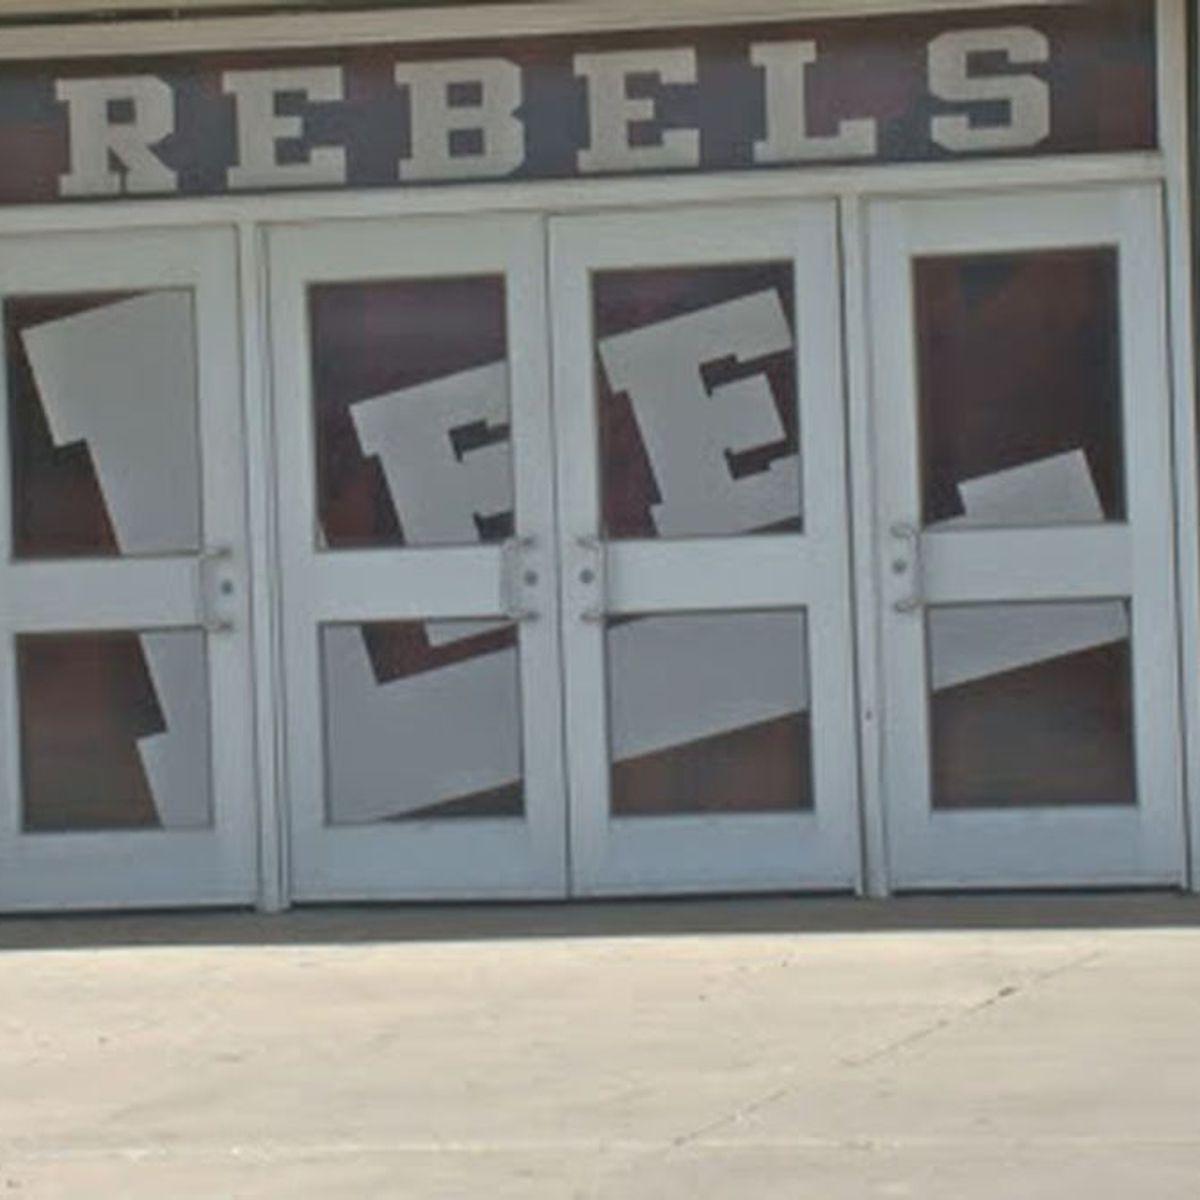 Se está trabajando en Midland para que Lee abra como Legacy High School